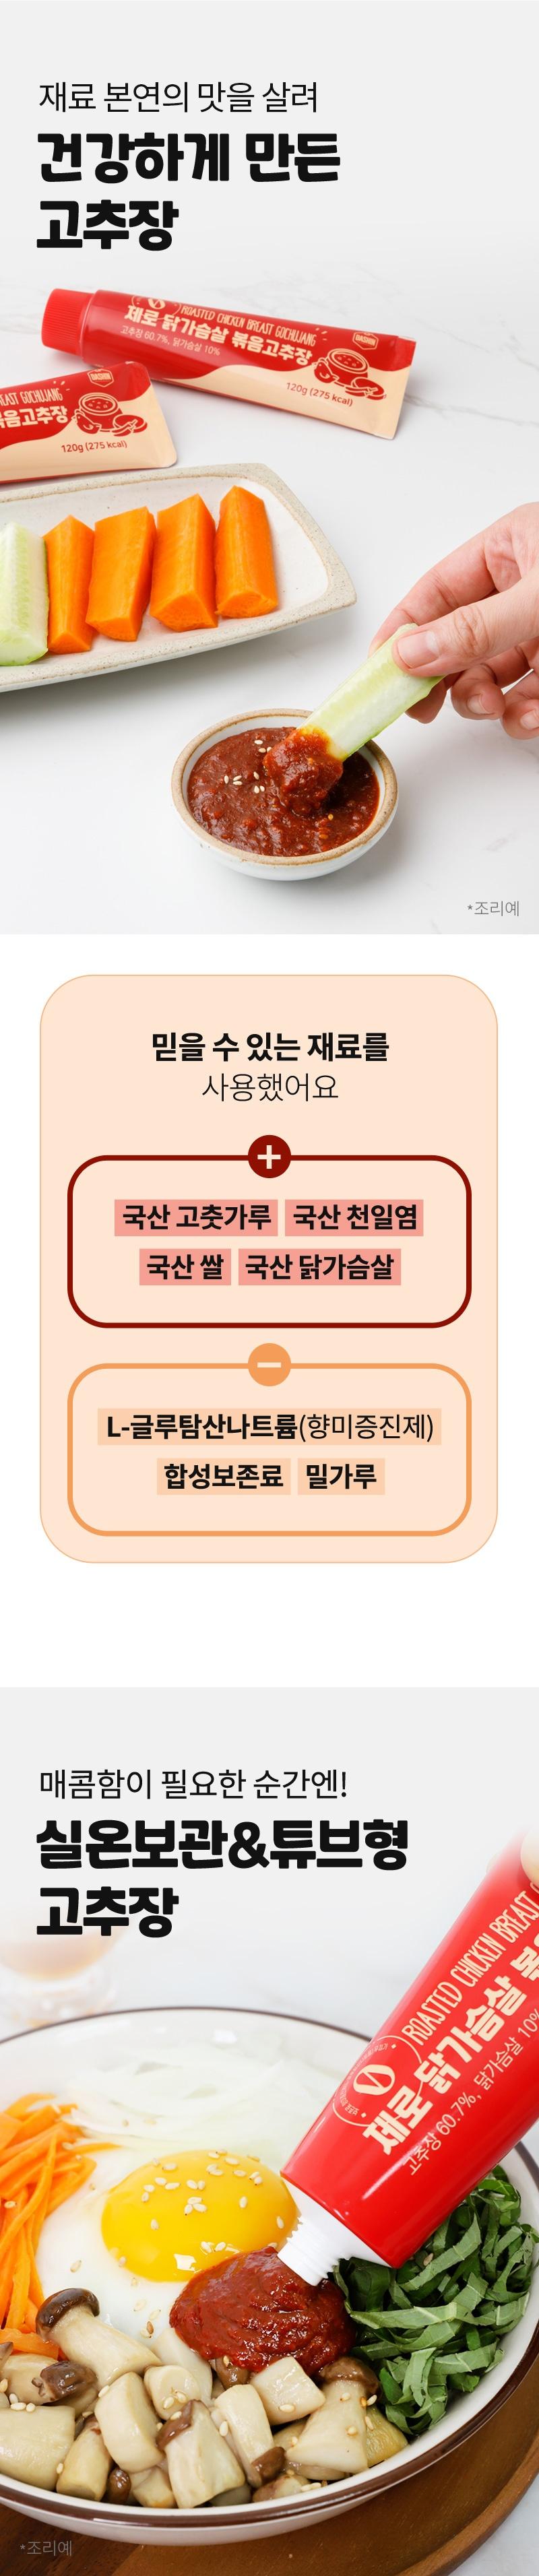 제로 닭가슴살 볶음 고추장 체험단 모집 (09.15~09.28)